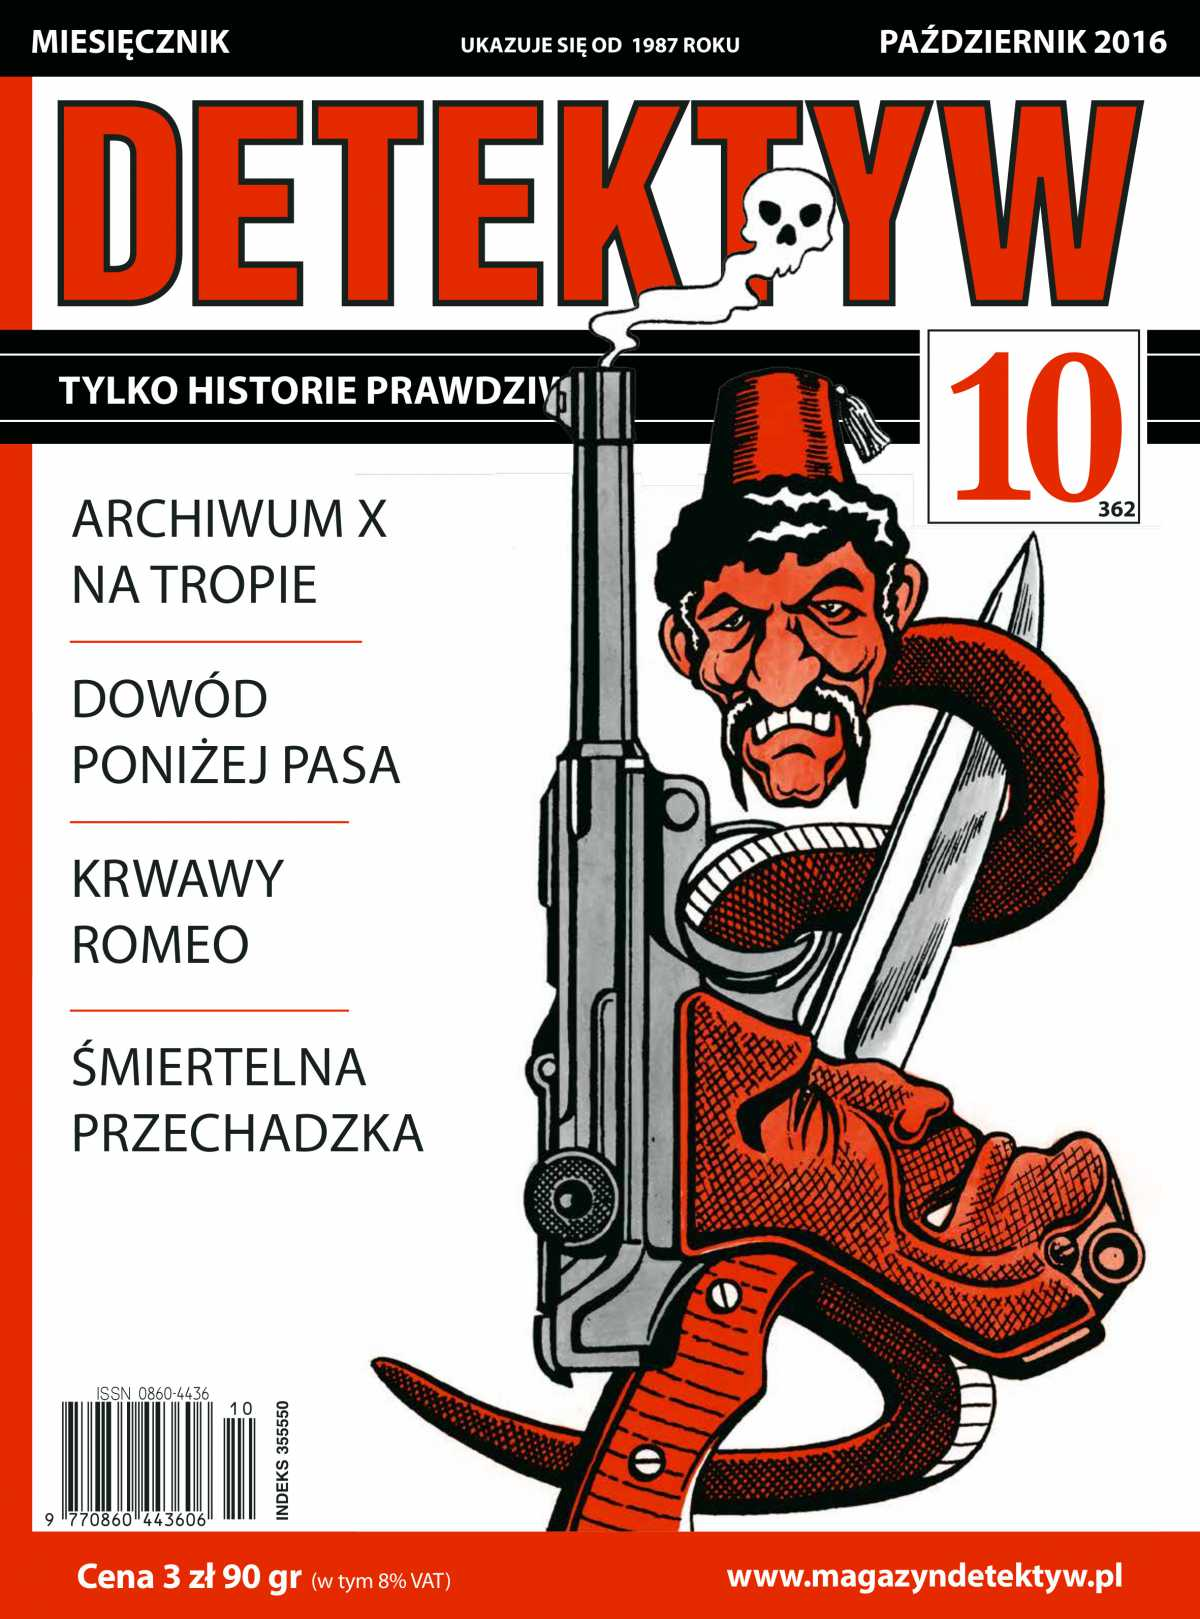 Detektyw 10/2016 - Ebook (Książka PDF) do pobrania w formacie PDF